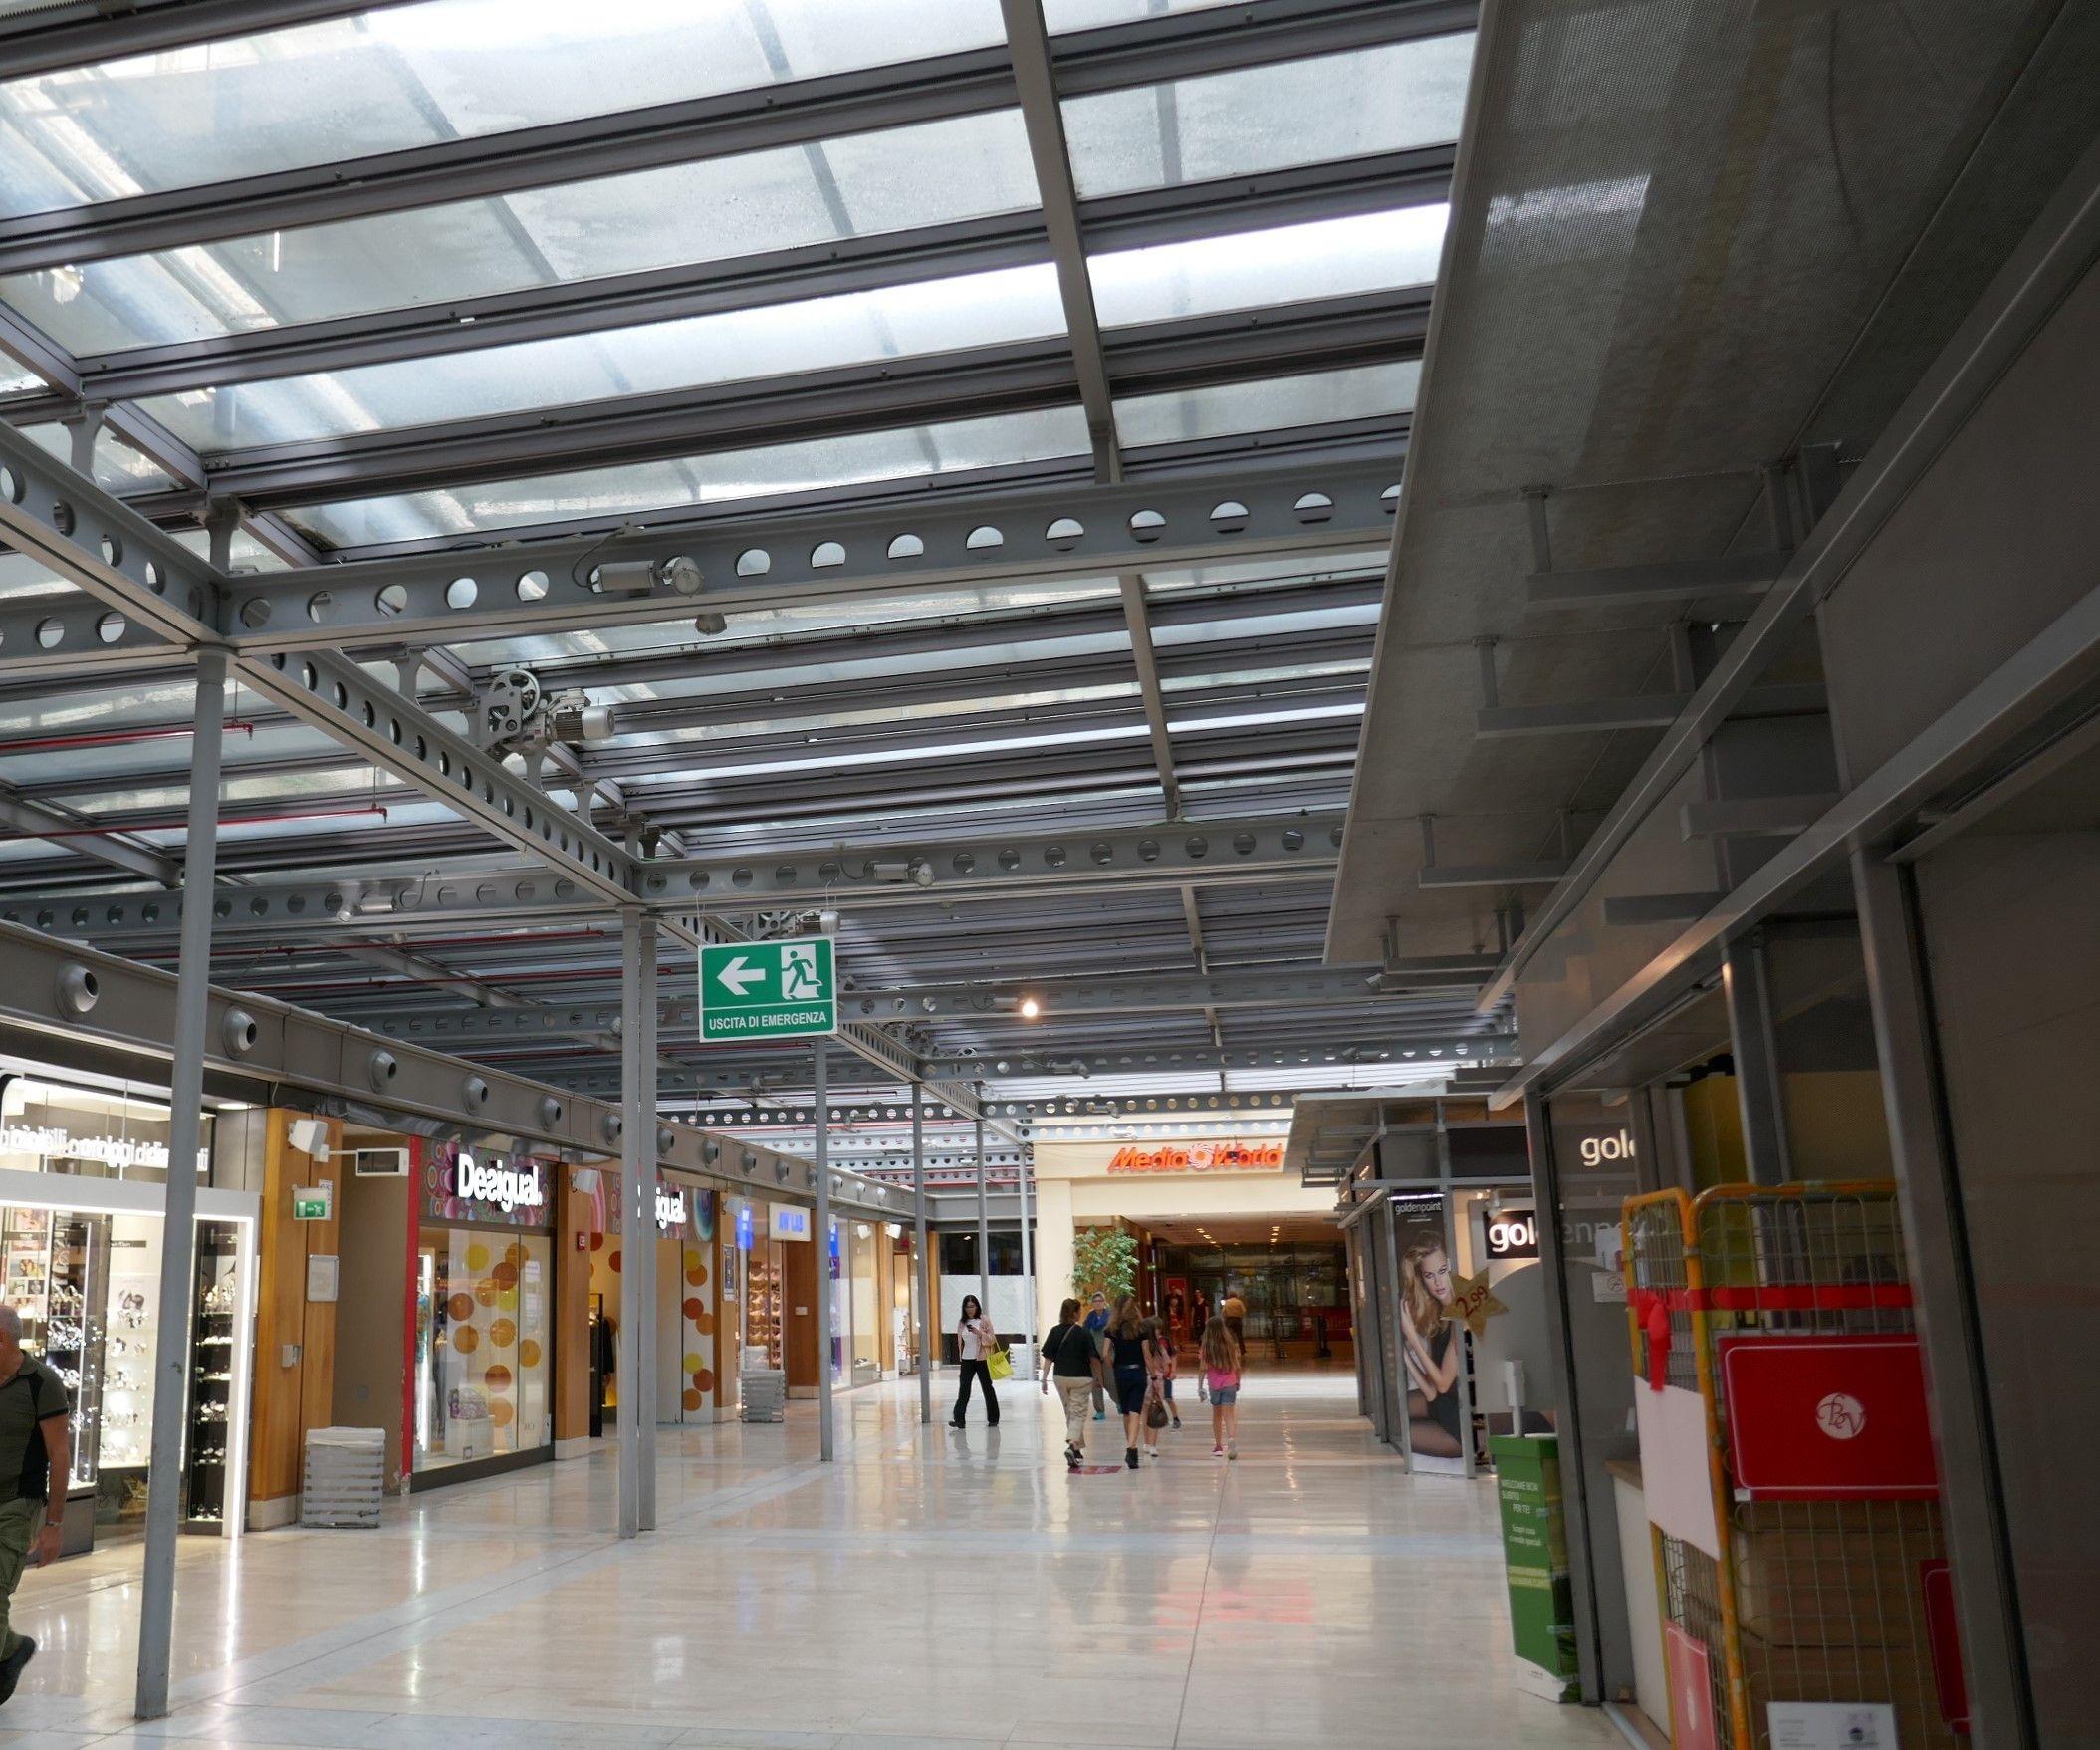 Heute befindet sich im ersten Stock eine gut besuchte Einkaufspassage.